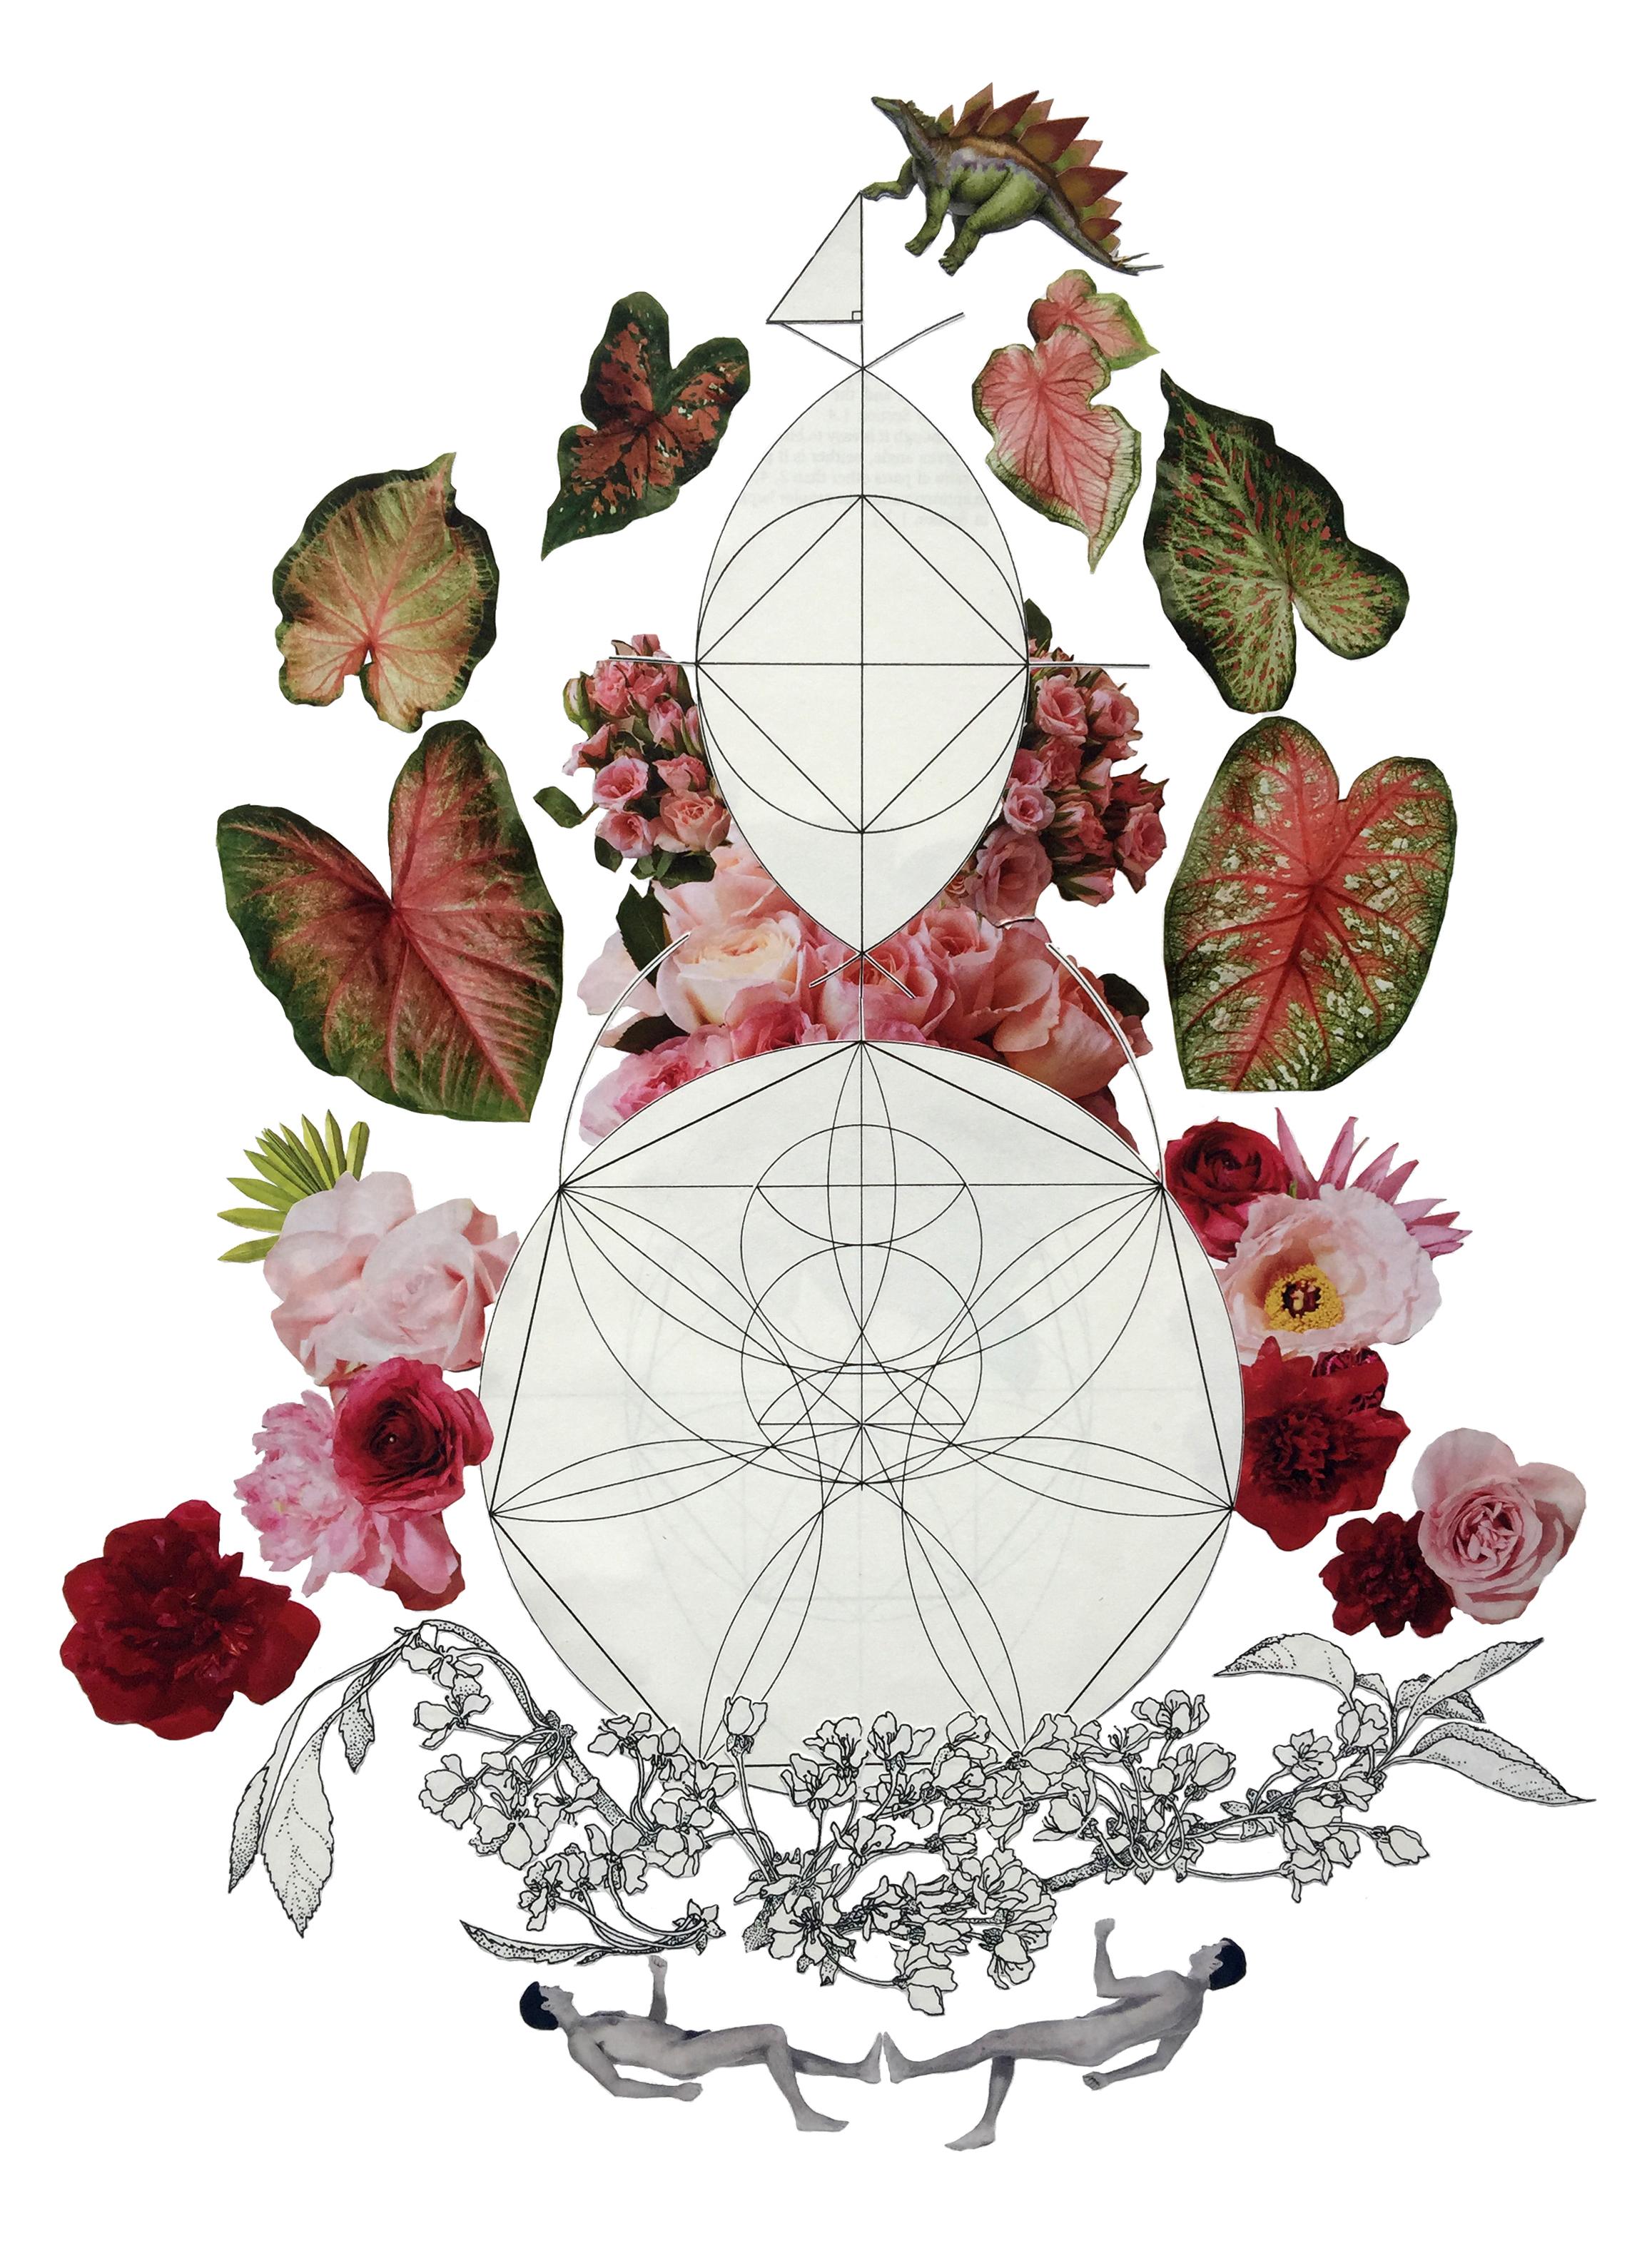 Symmetry with Men